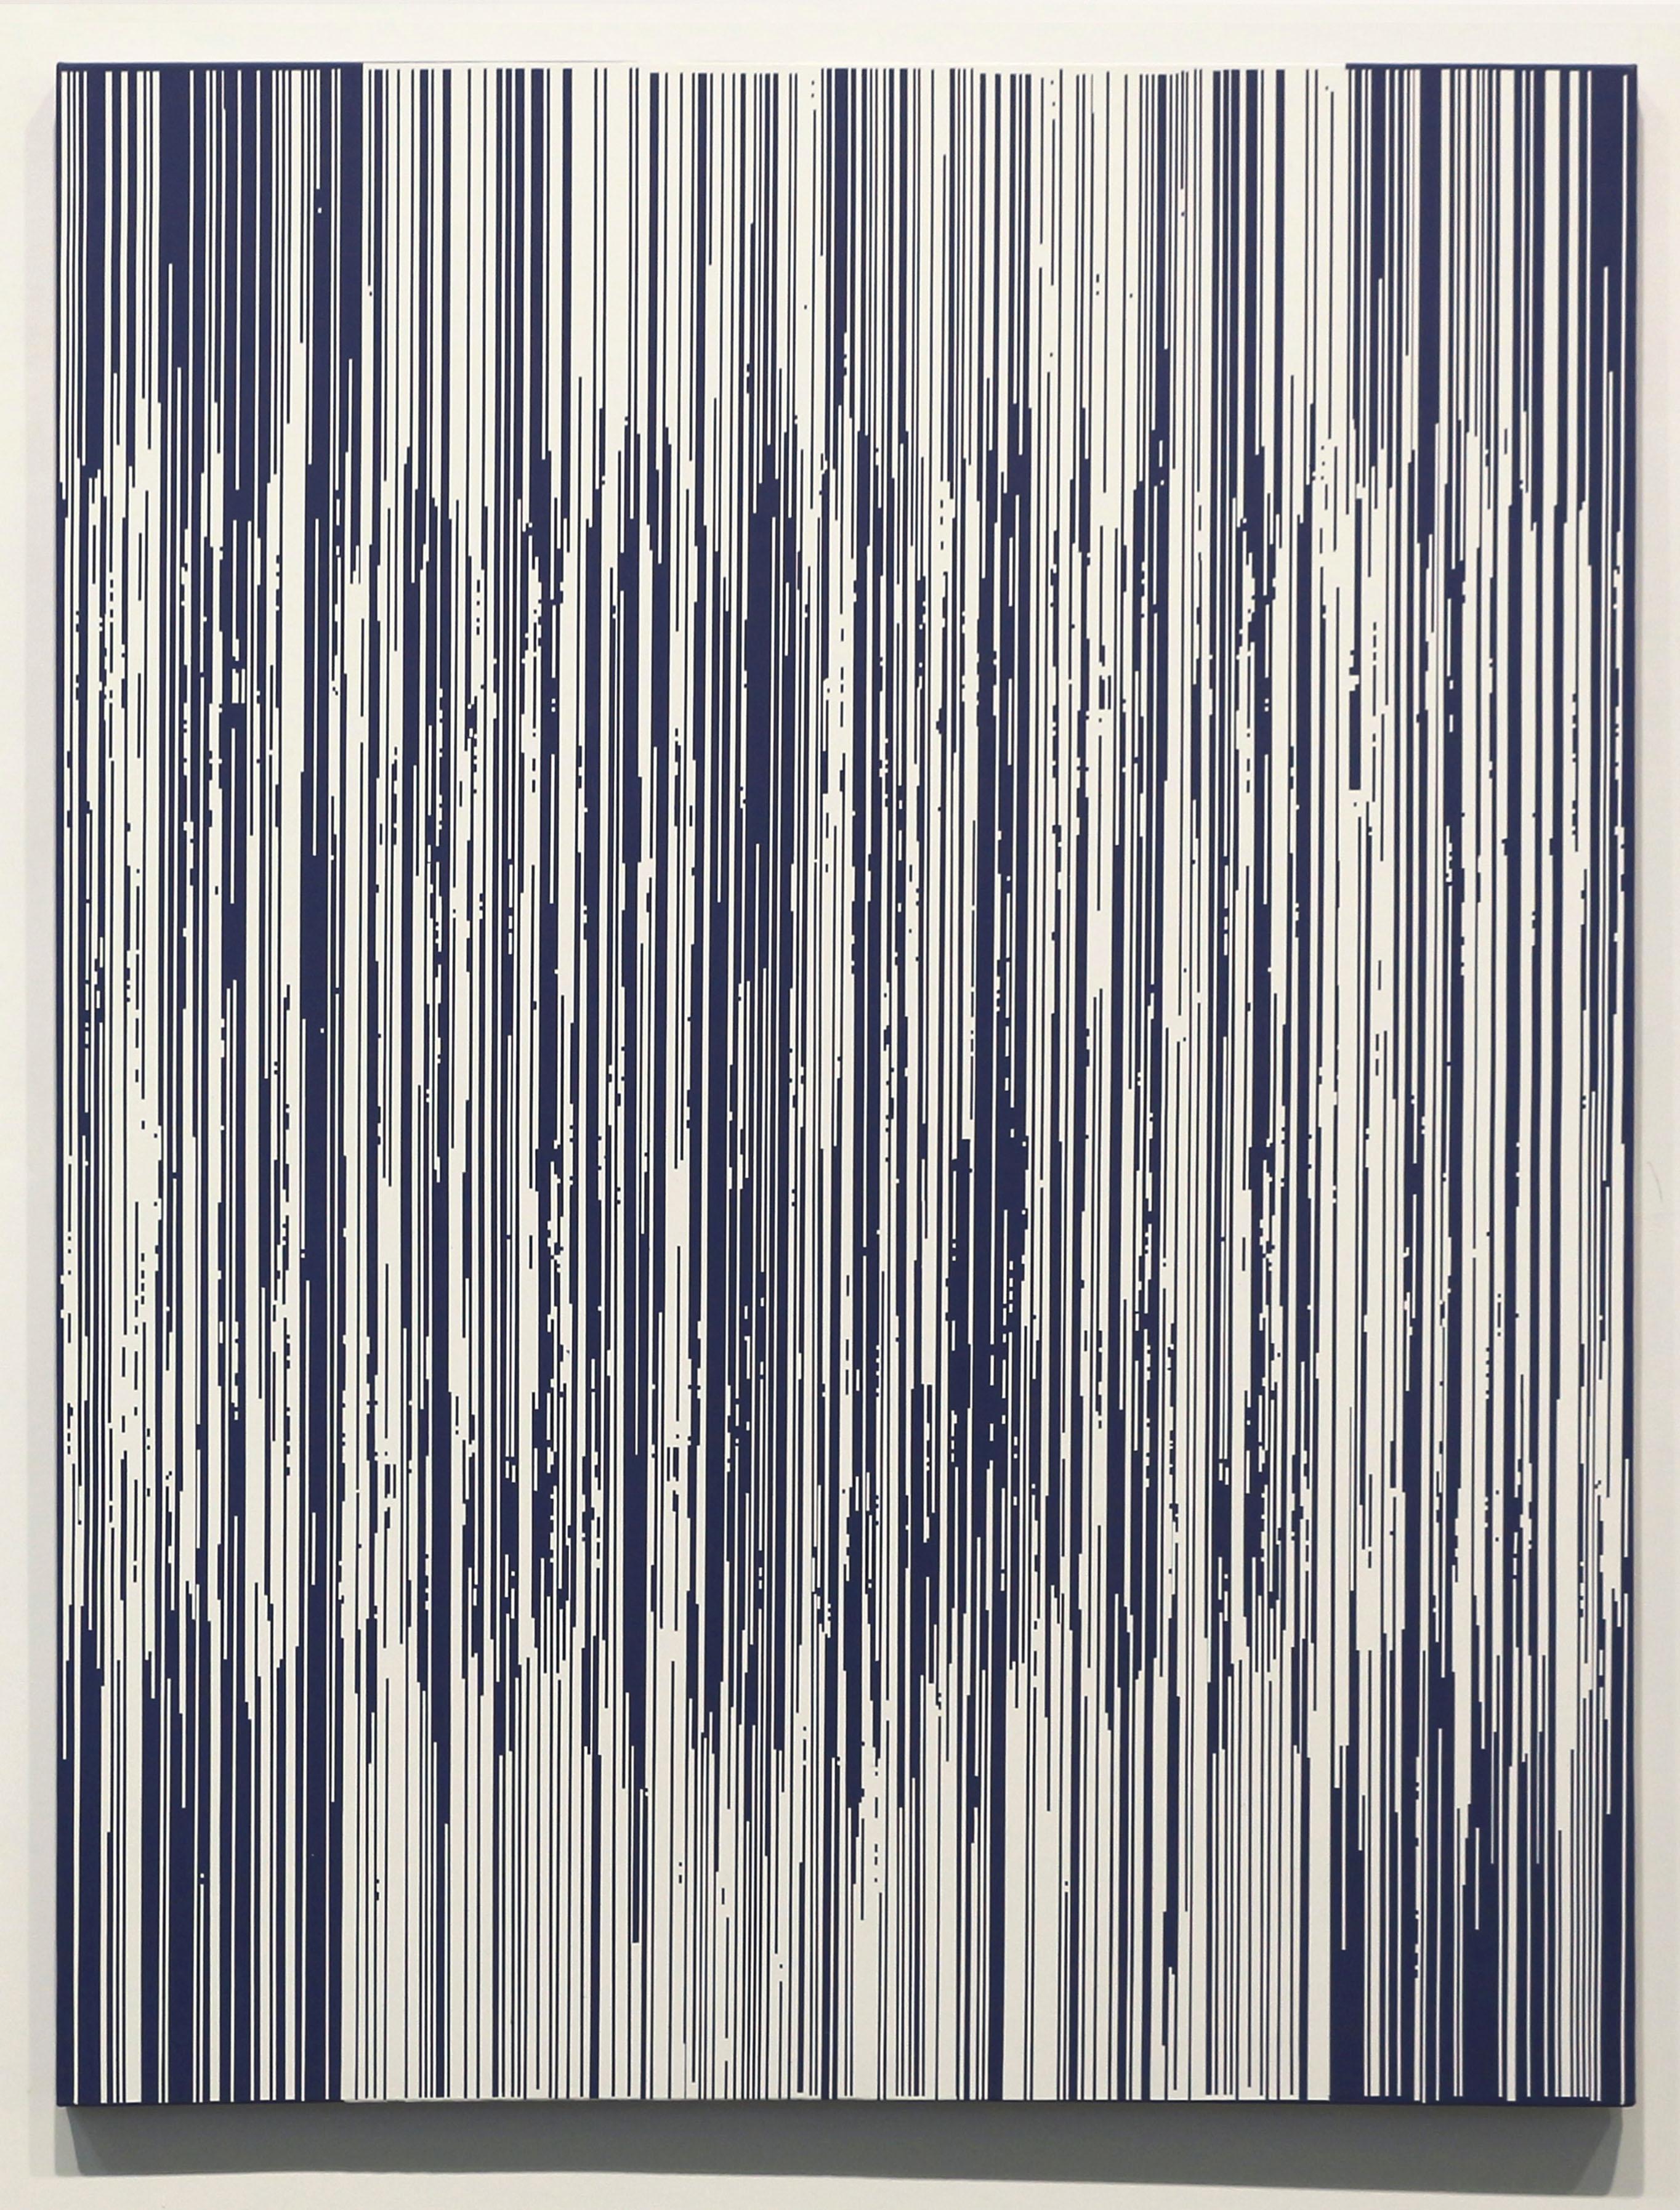 J. PARK_2016 Maze-201651212_Acrylic on canvas_116.8x91cm